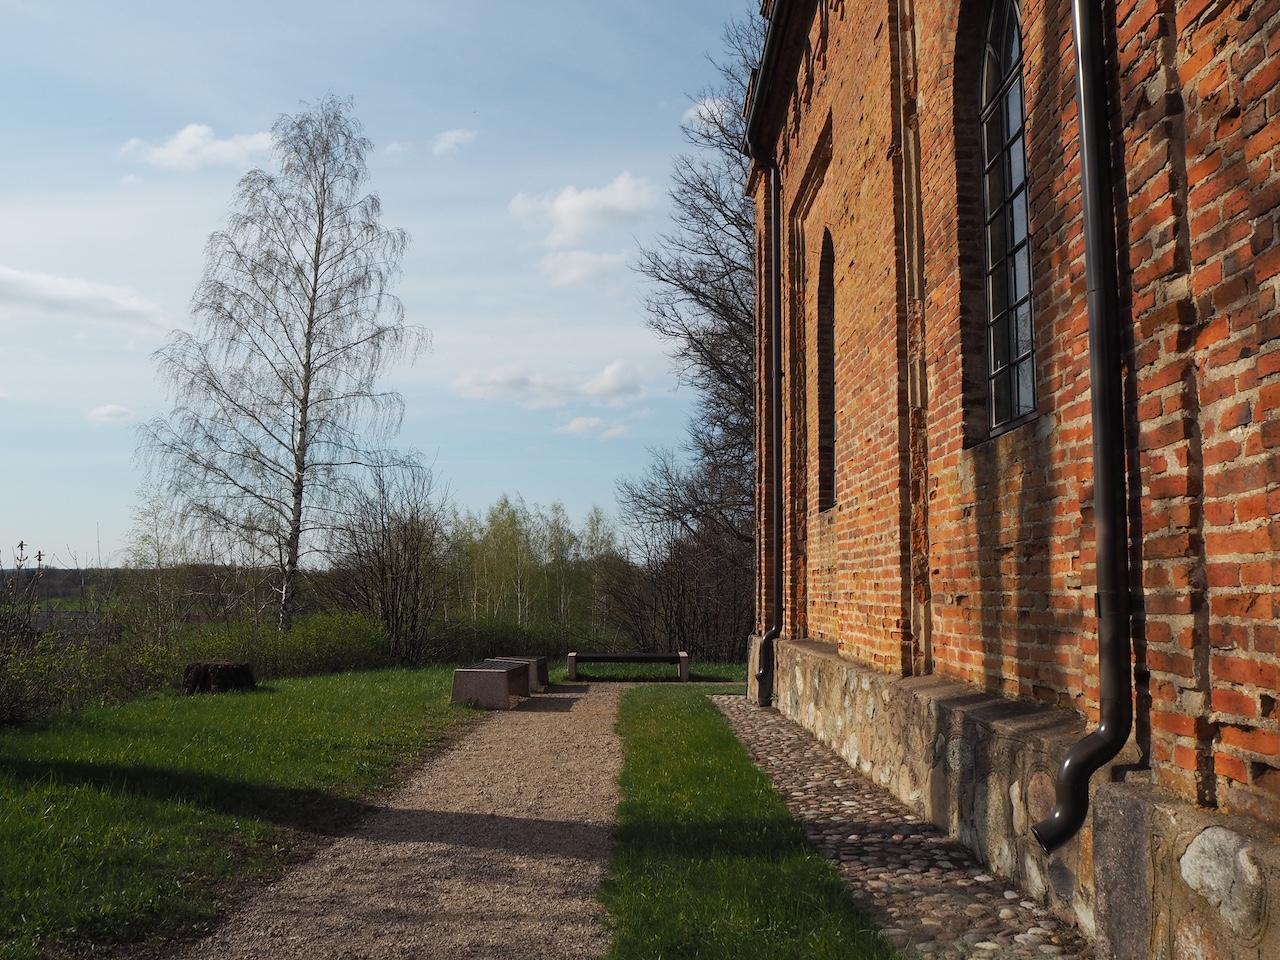 Bukaučiškių dvaro siena